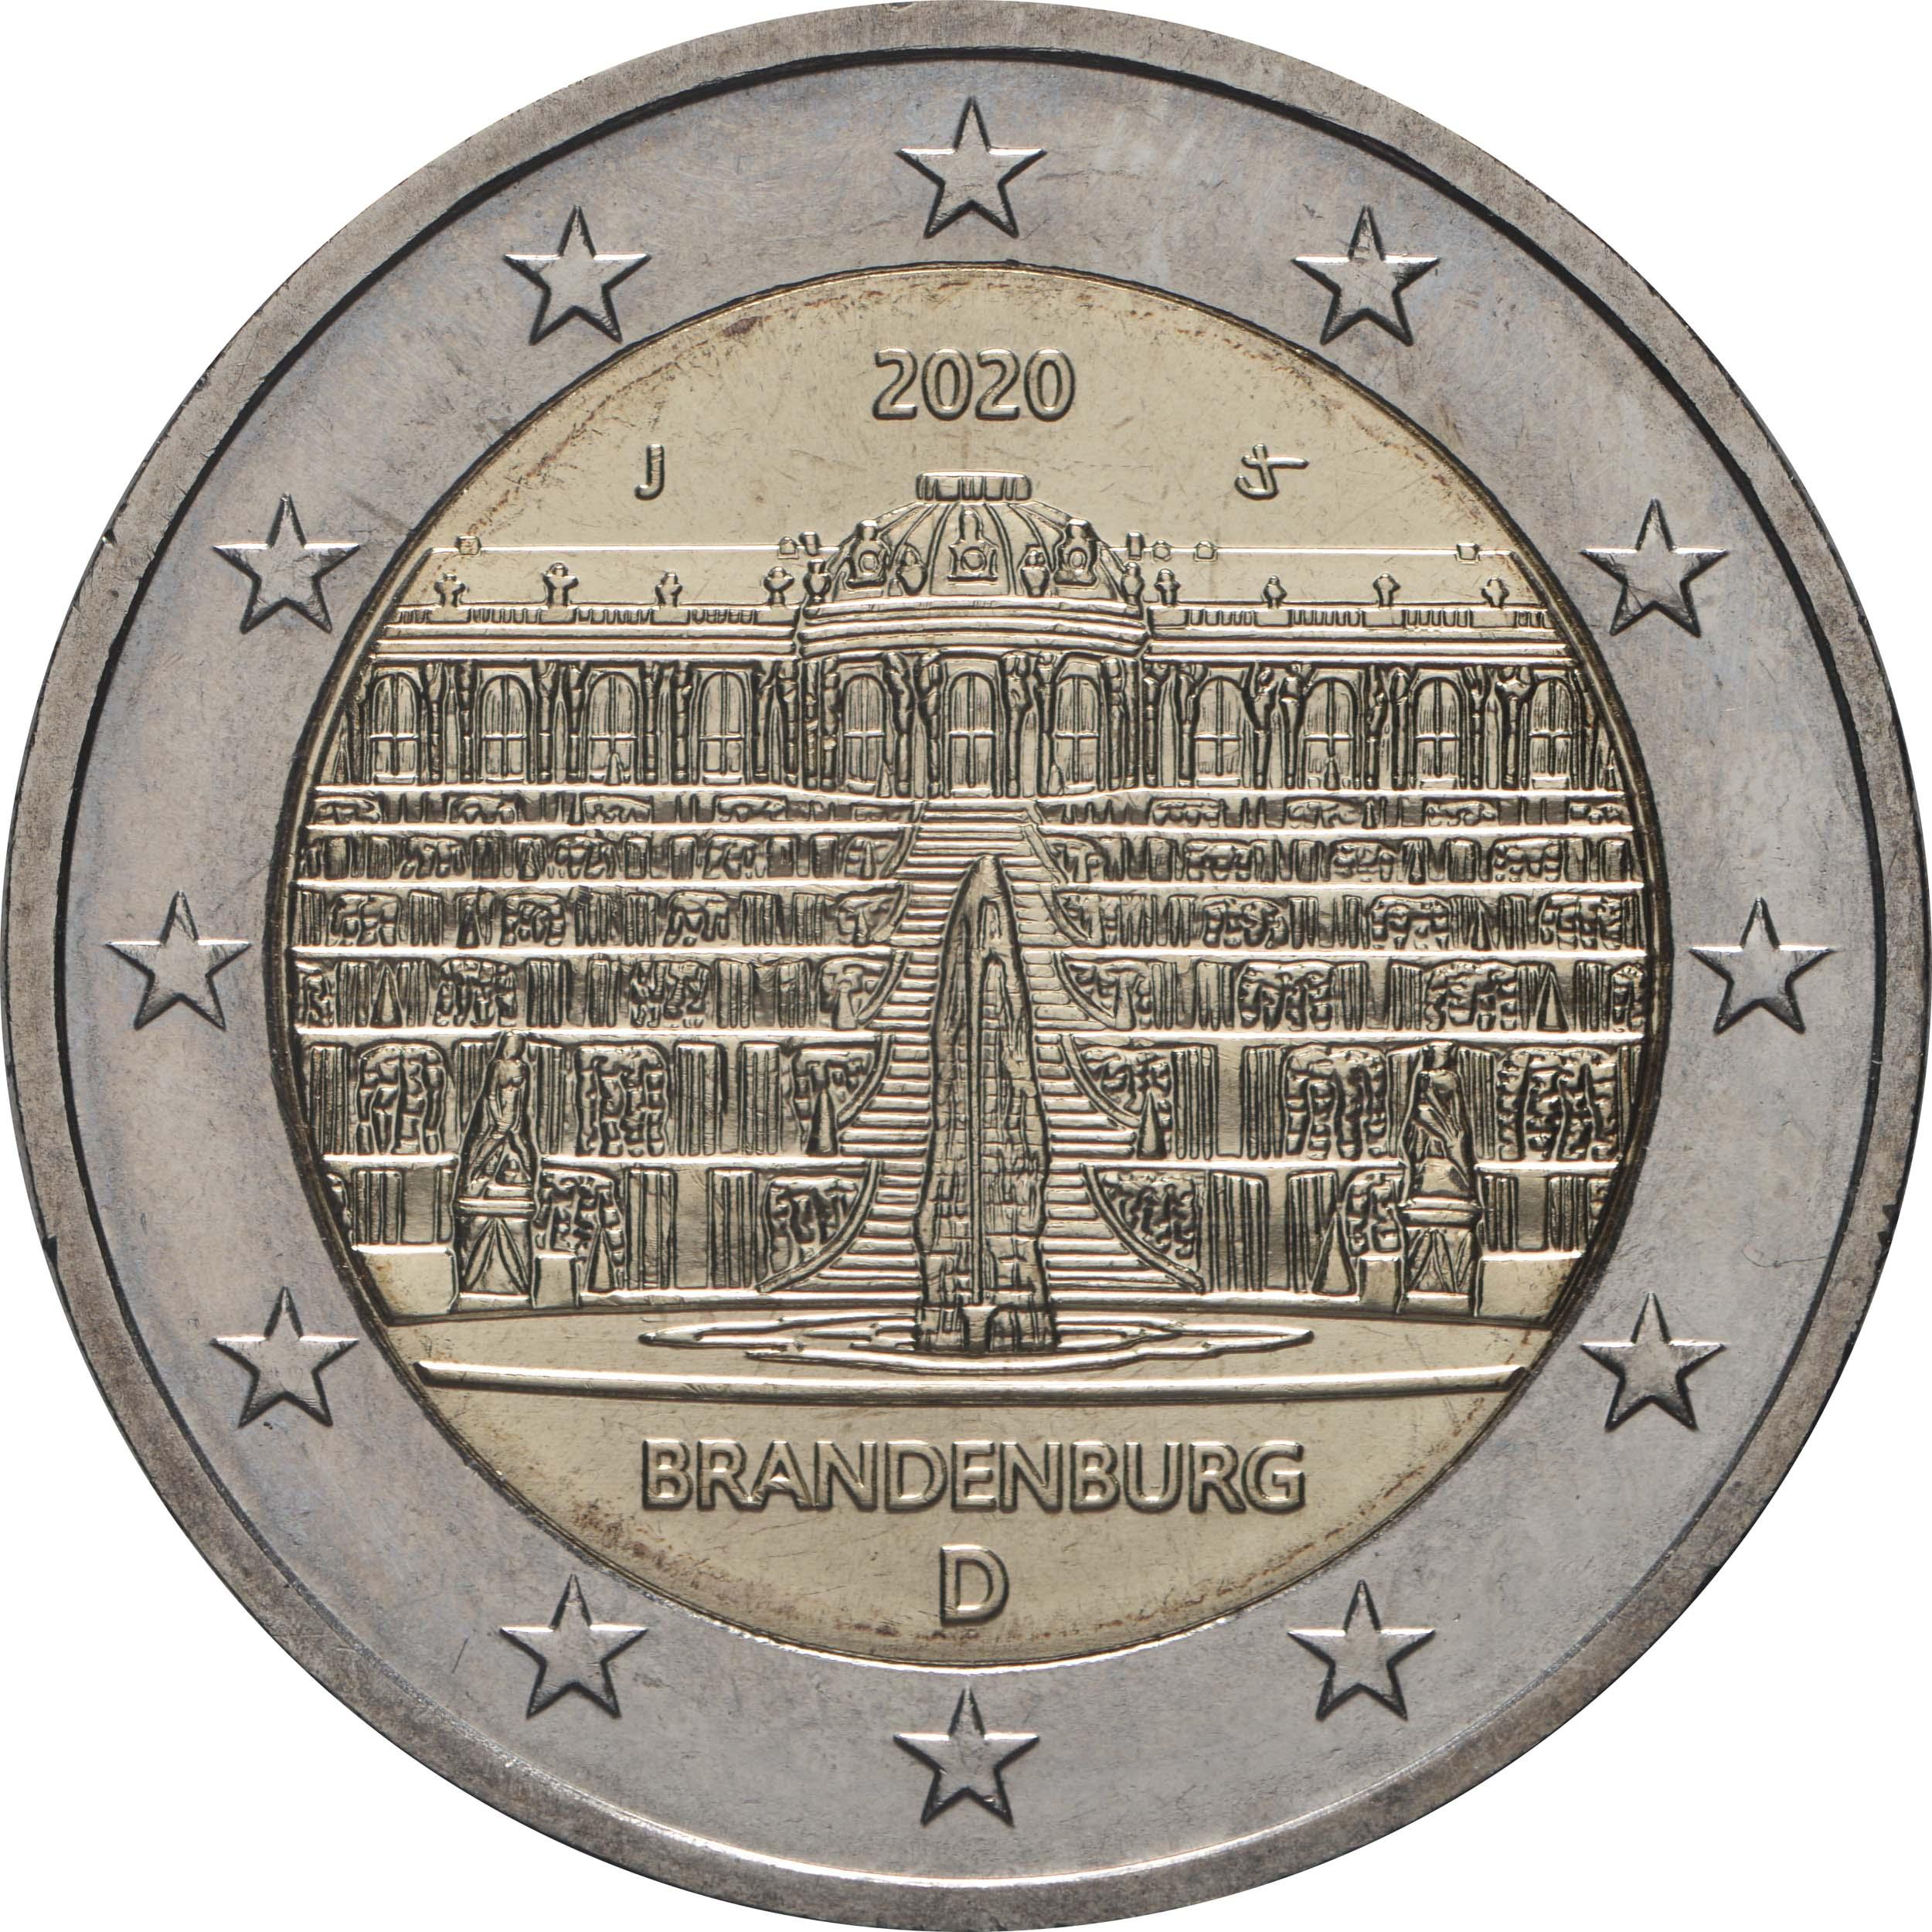 2020 366 Deutschland Brandenburg.jpg